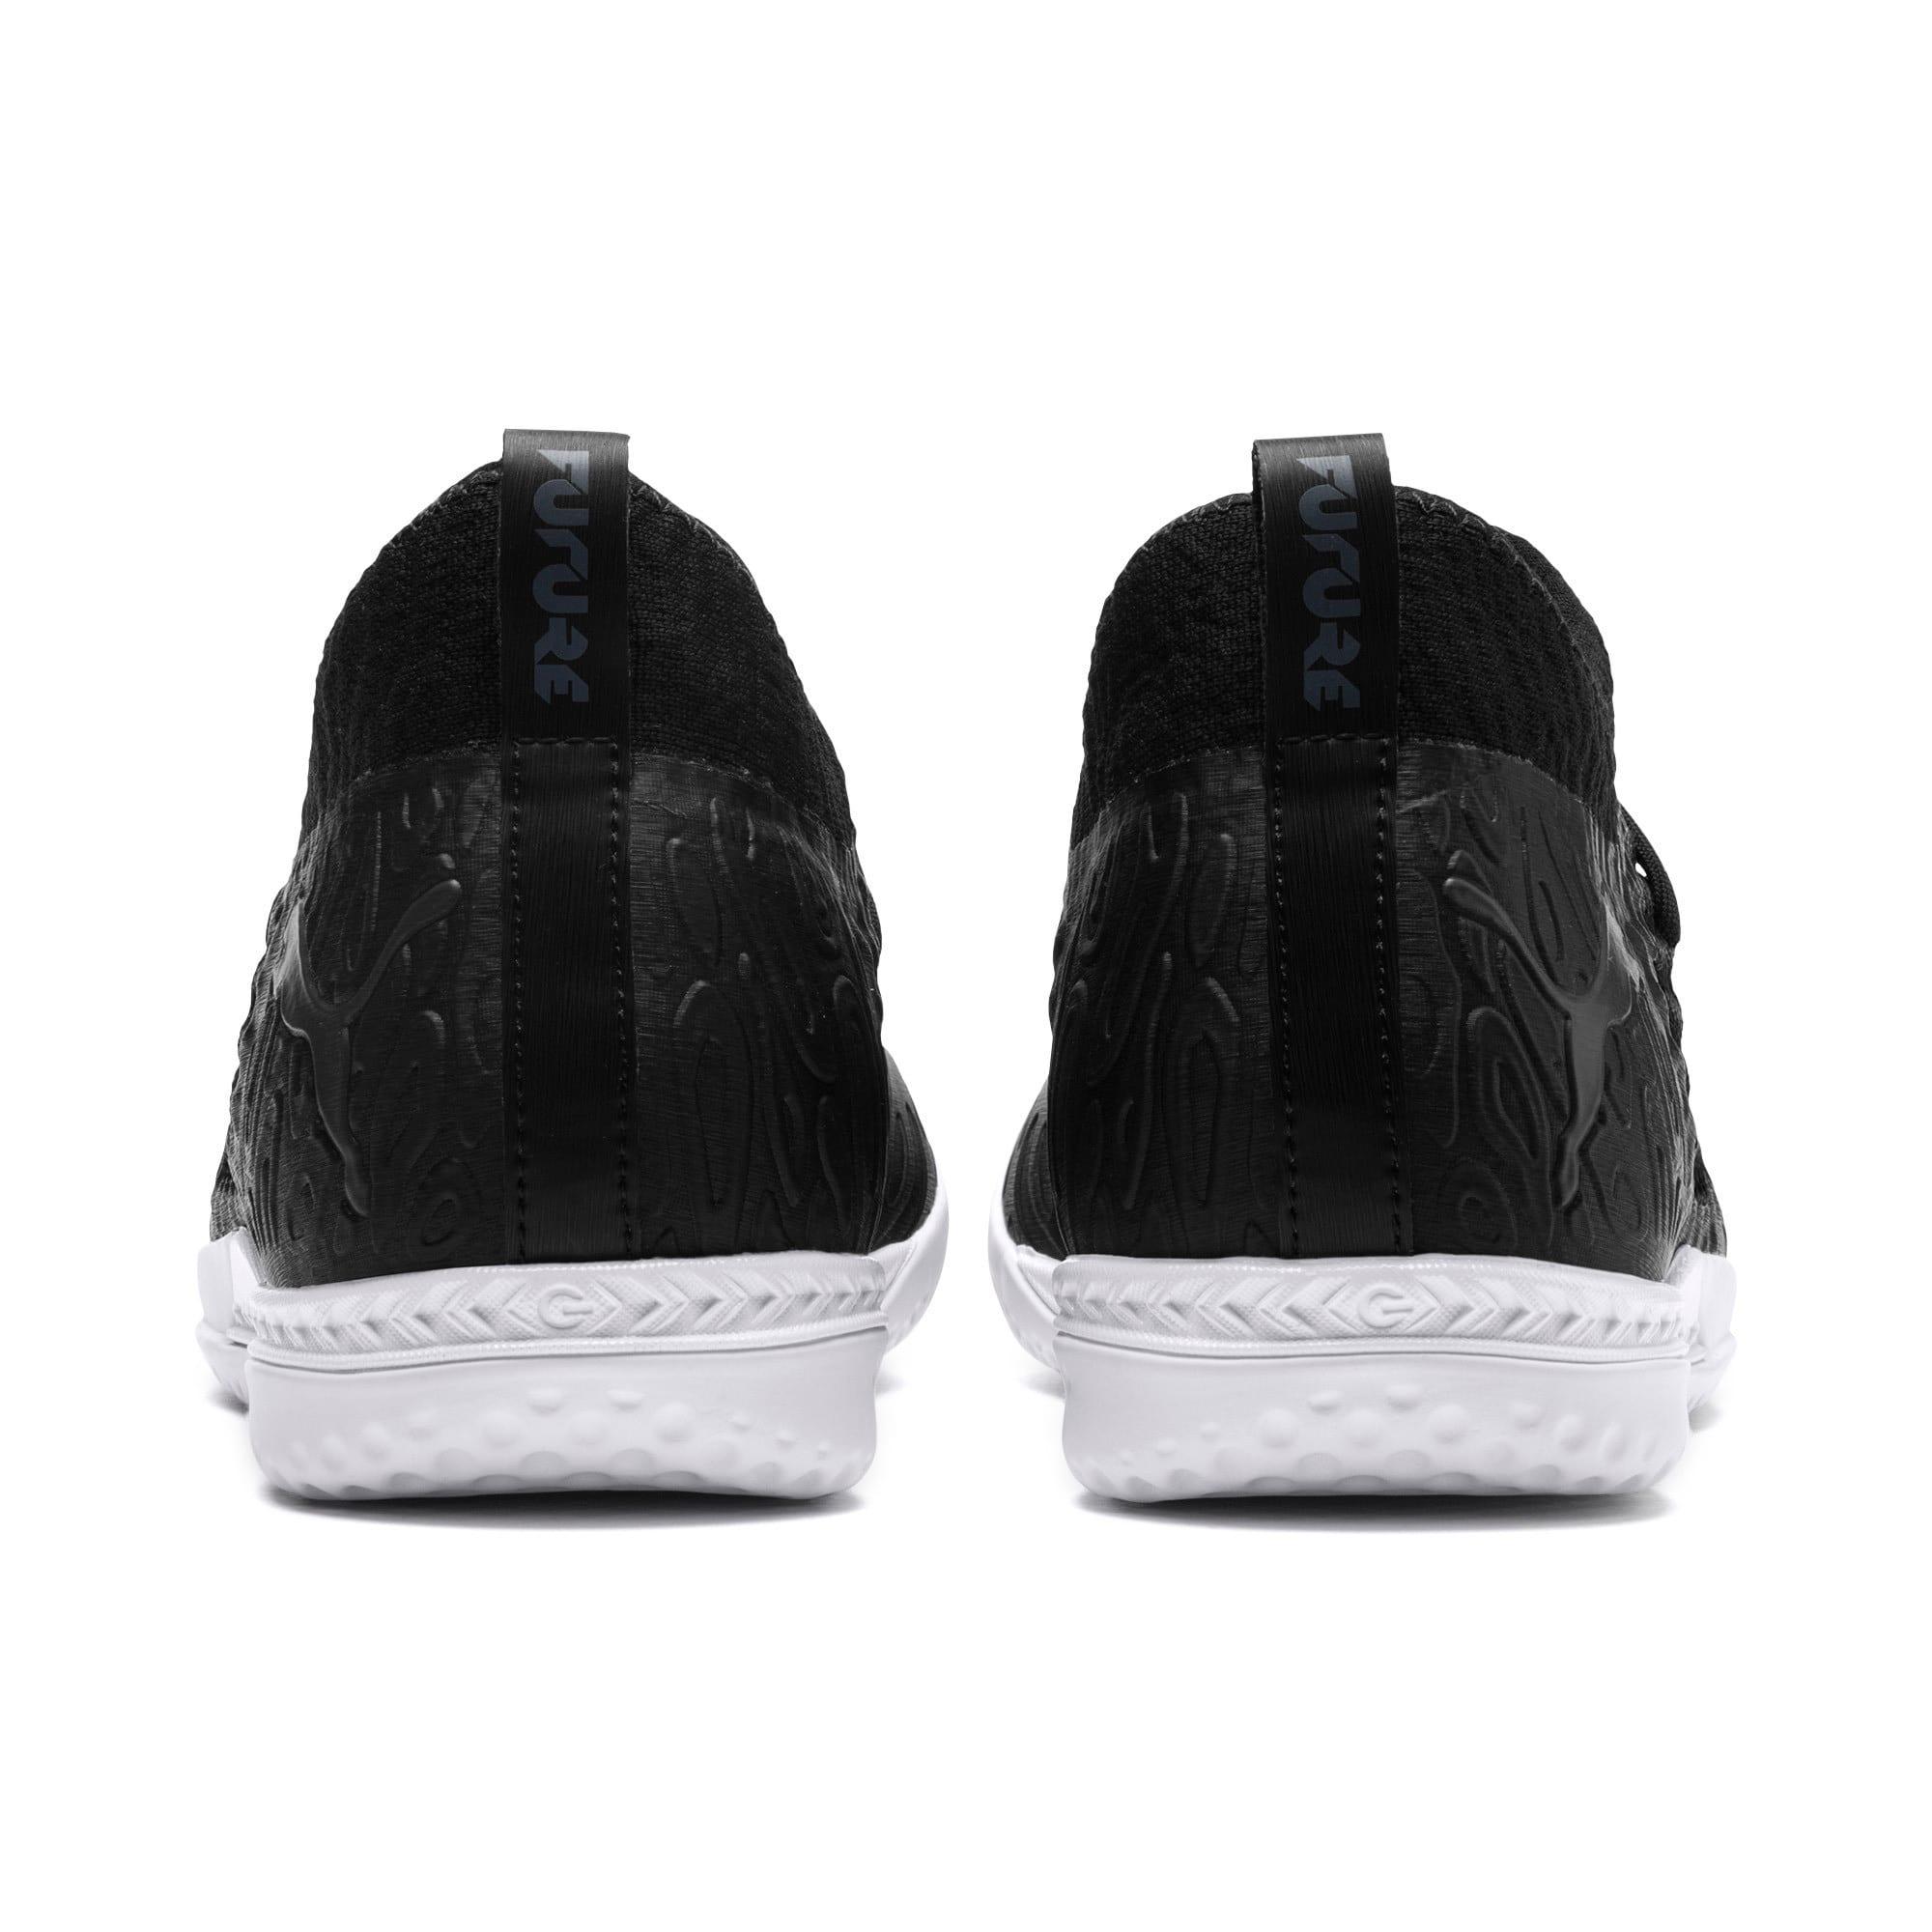 Thumbnail 4 of FUTURE 19.3 NETFIT IT Men's Soccer Shoes, Puma Black-Puma Black-White, medium